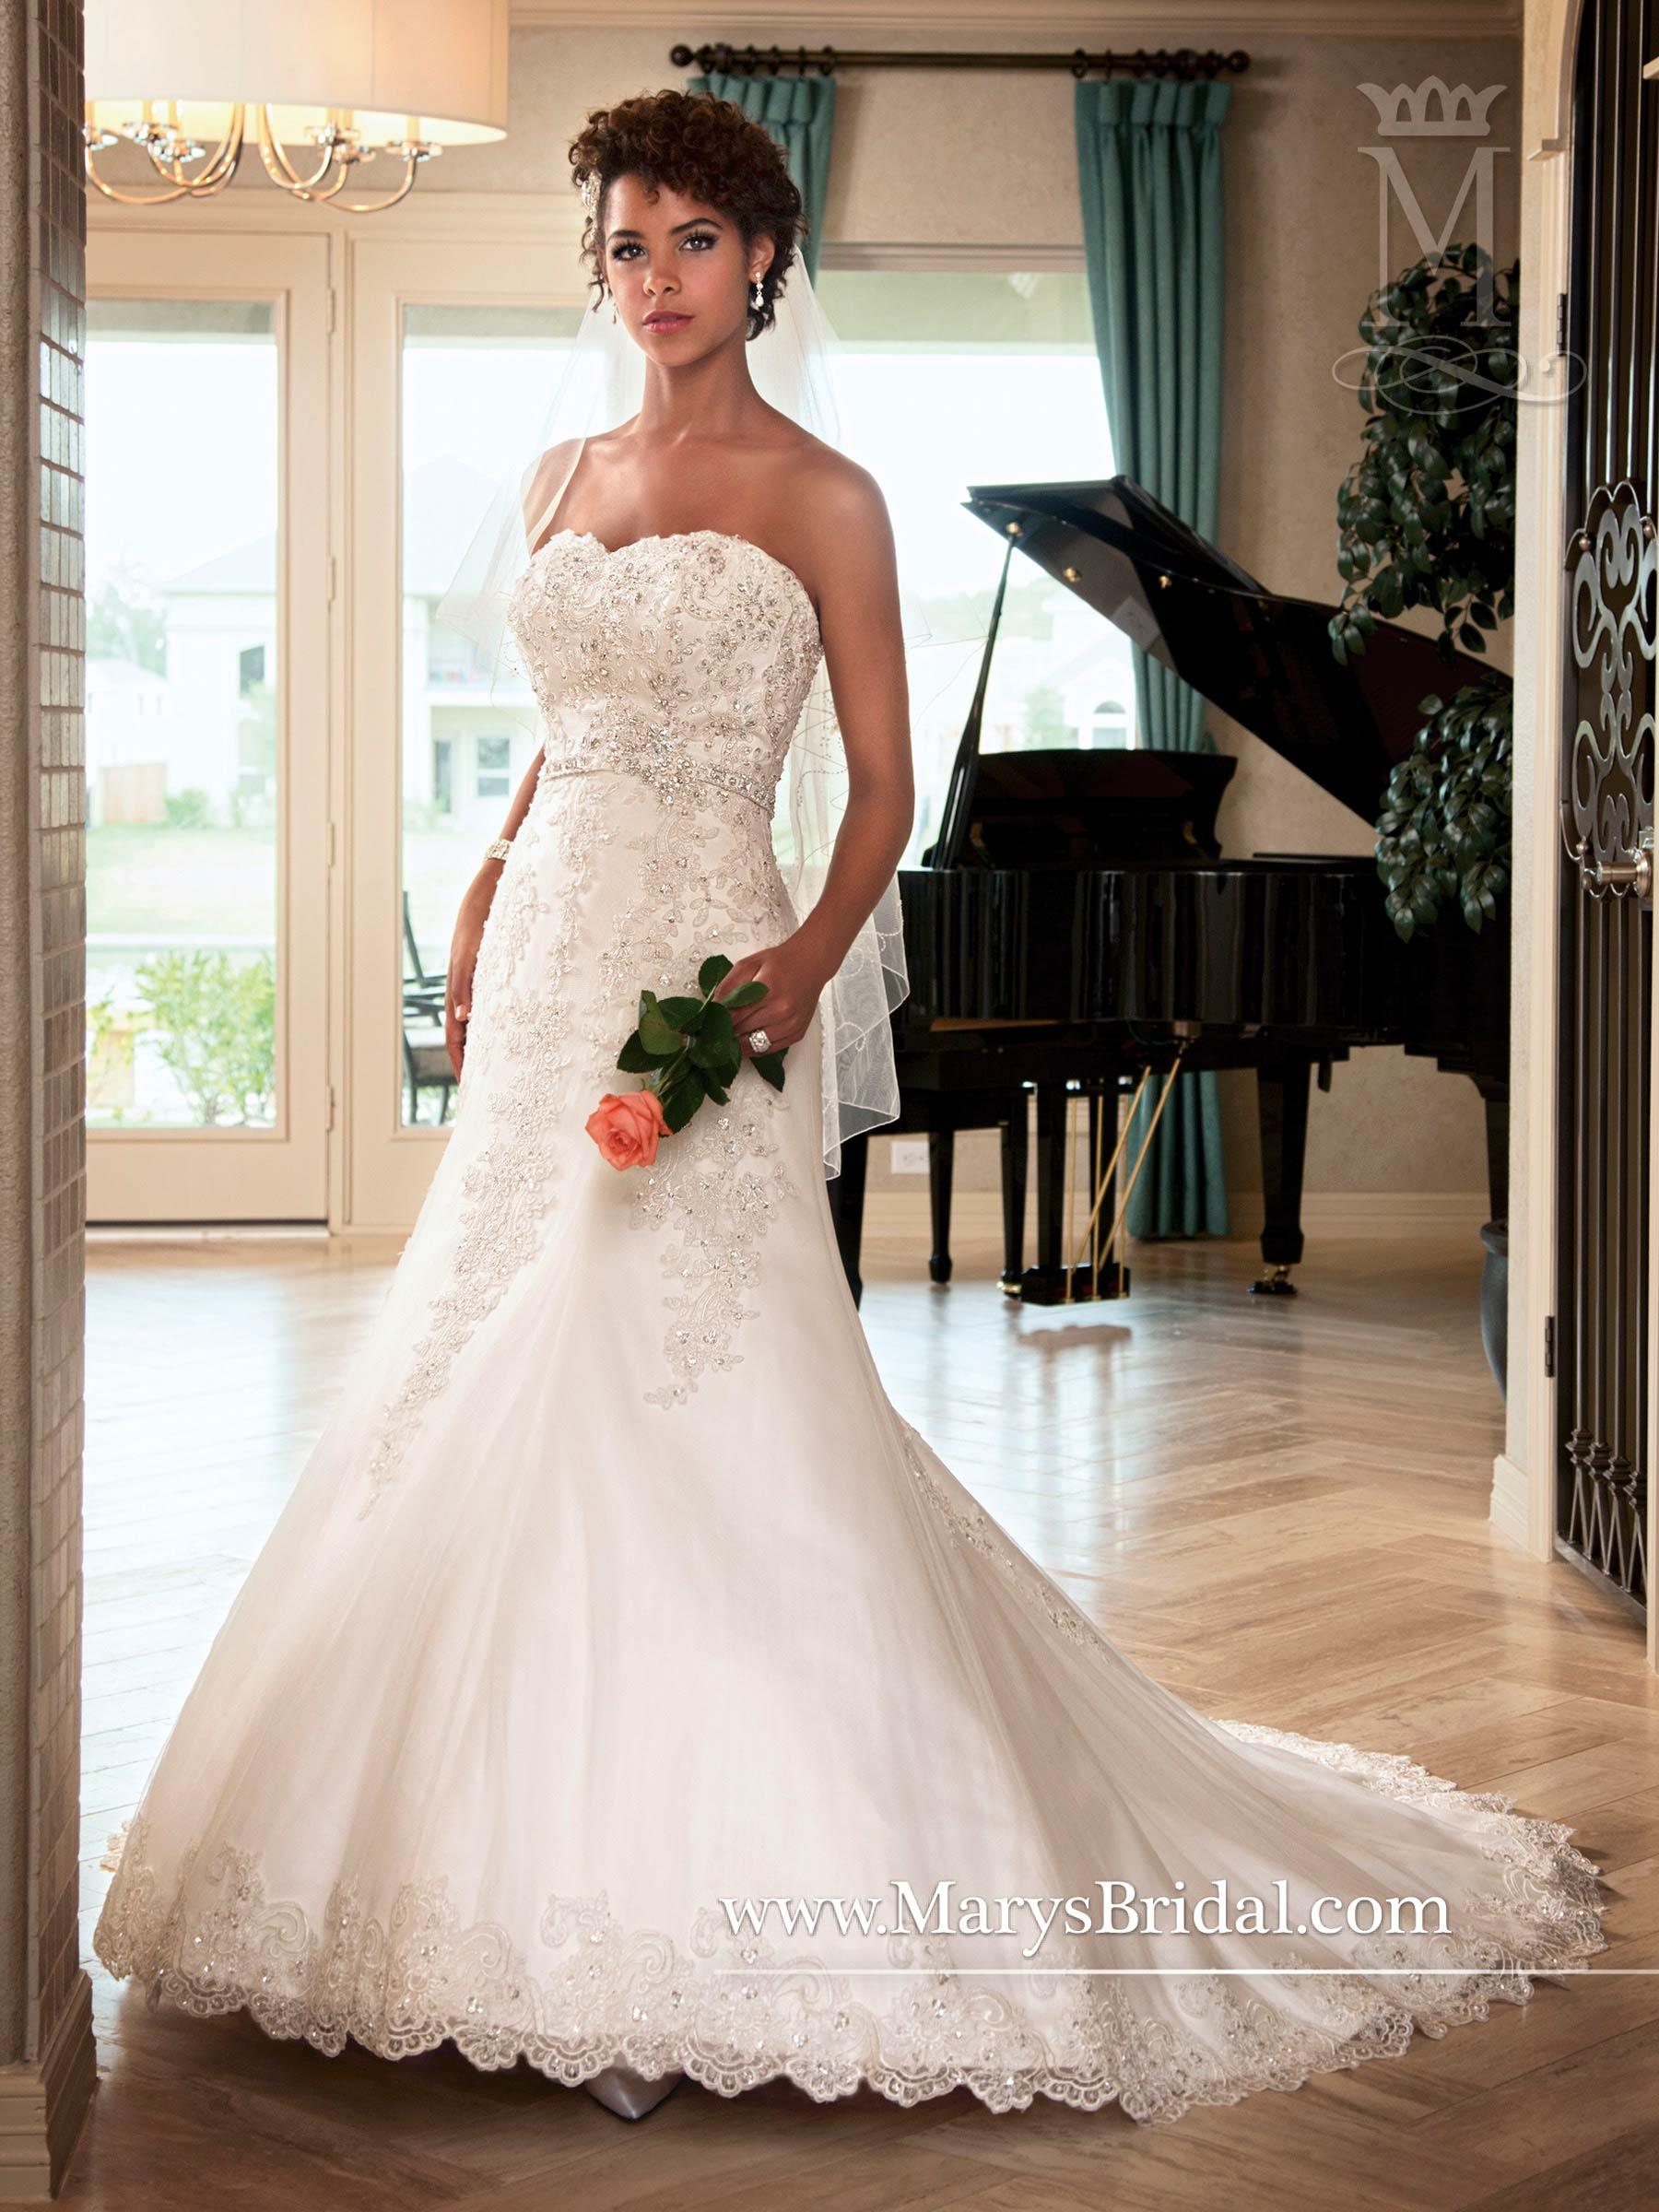 Bridal Gowns – Unspoken Romance